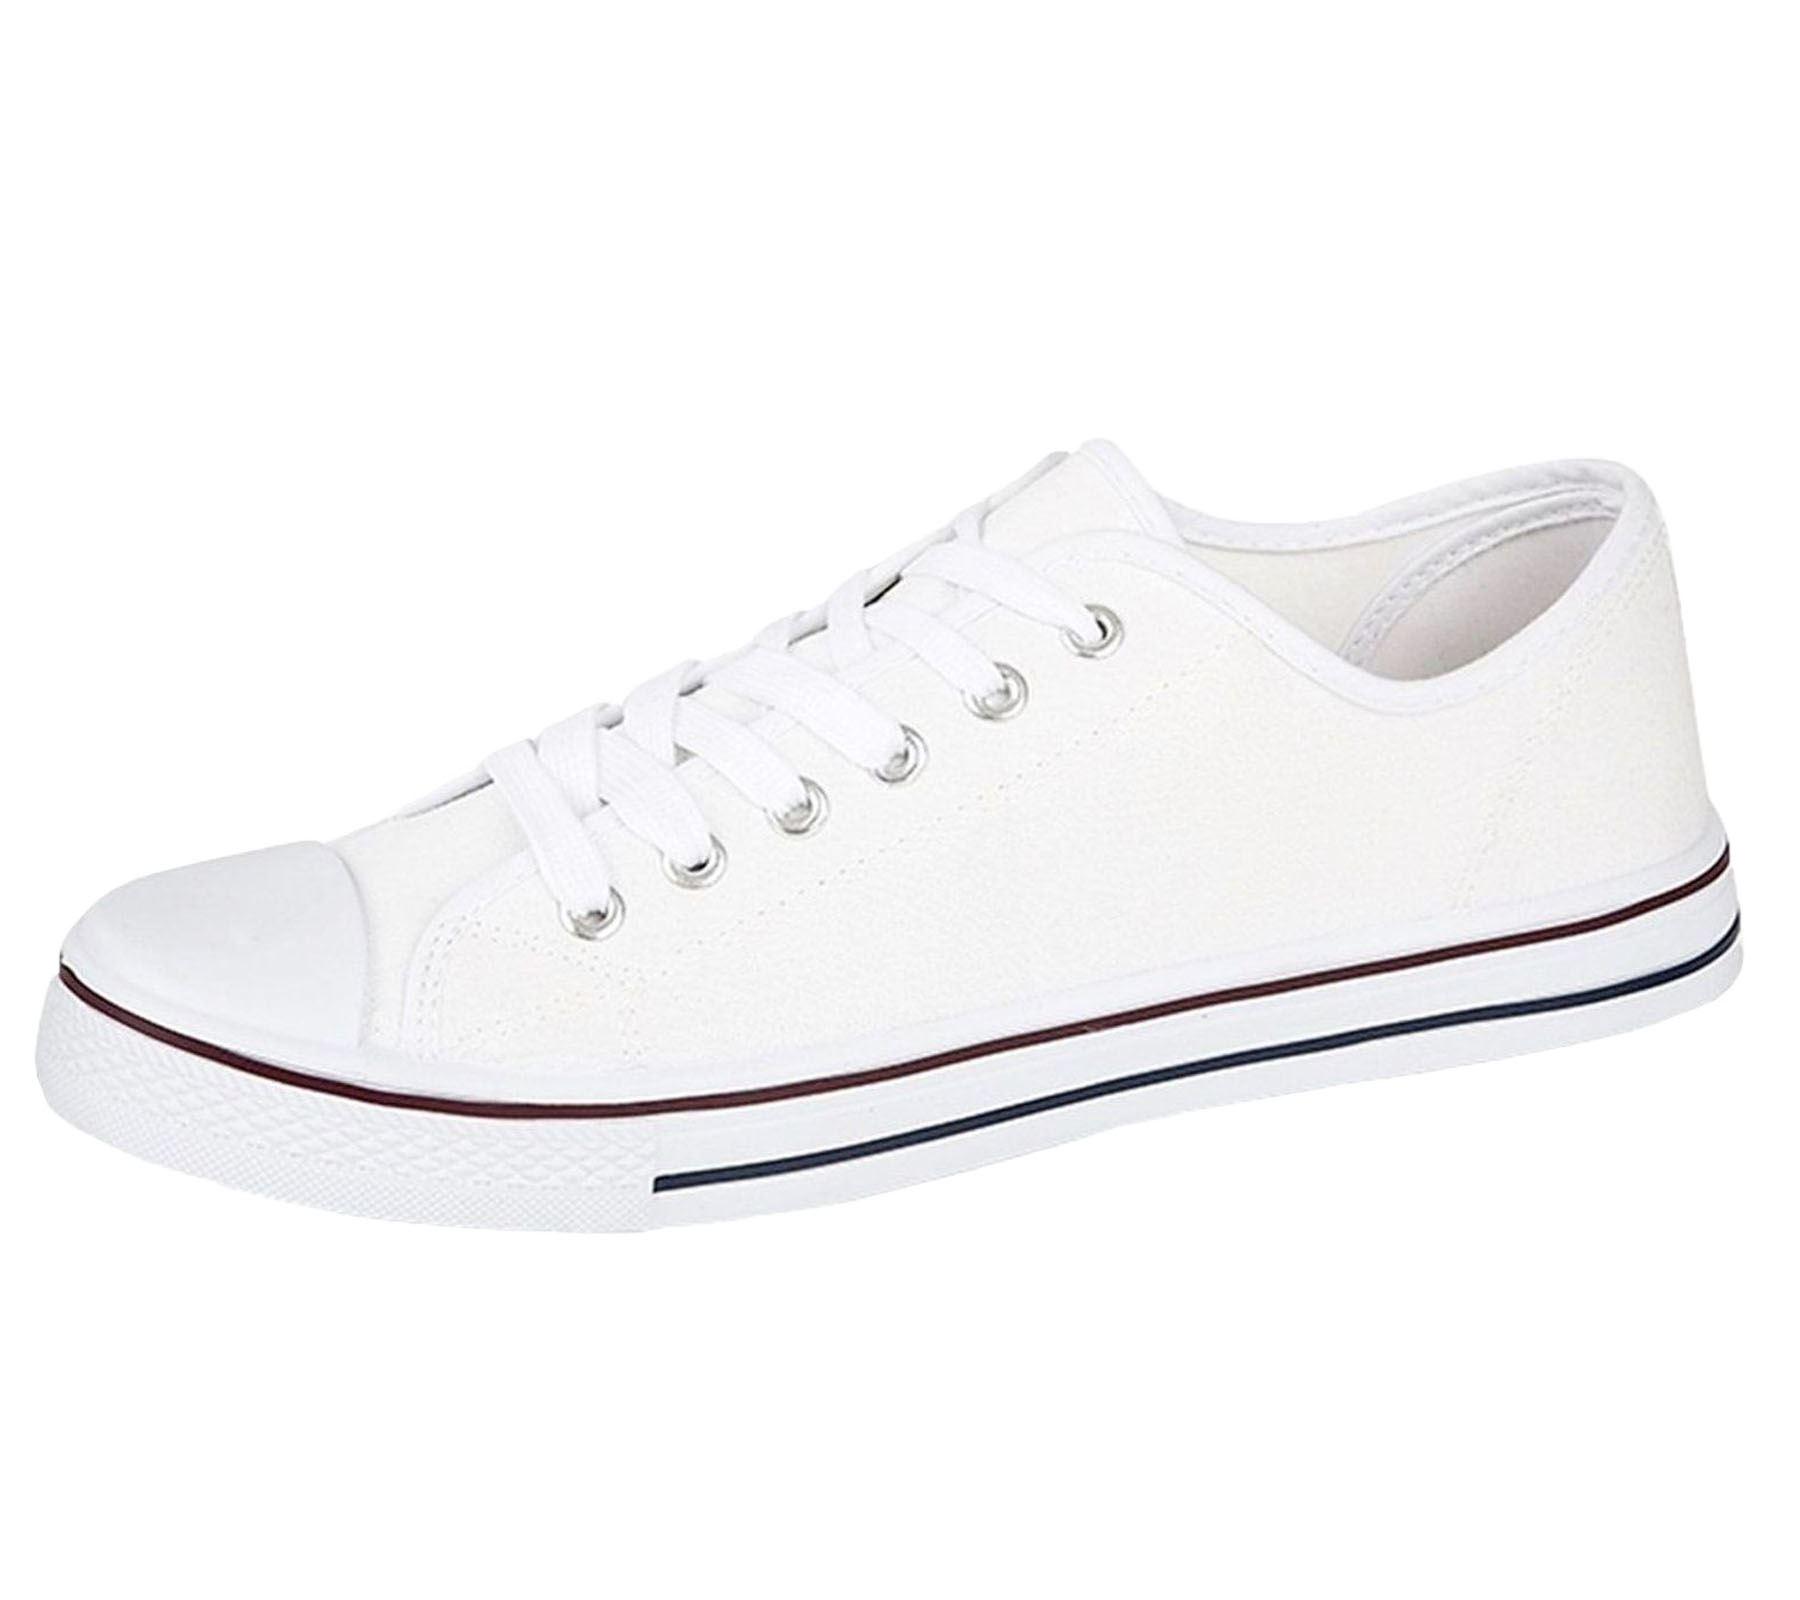 Mens-Canvas-Shoes-Plimsole-Trainer-Pumps-Lace-Up-Flat-Shoes thumbnail 19